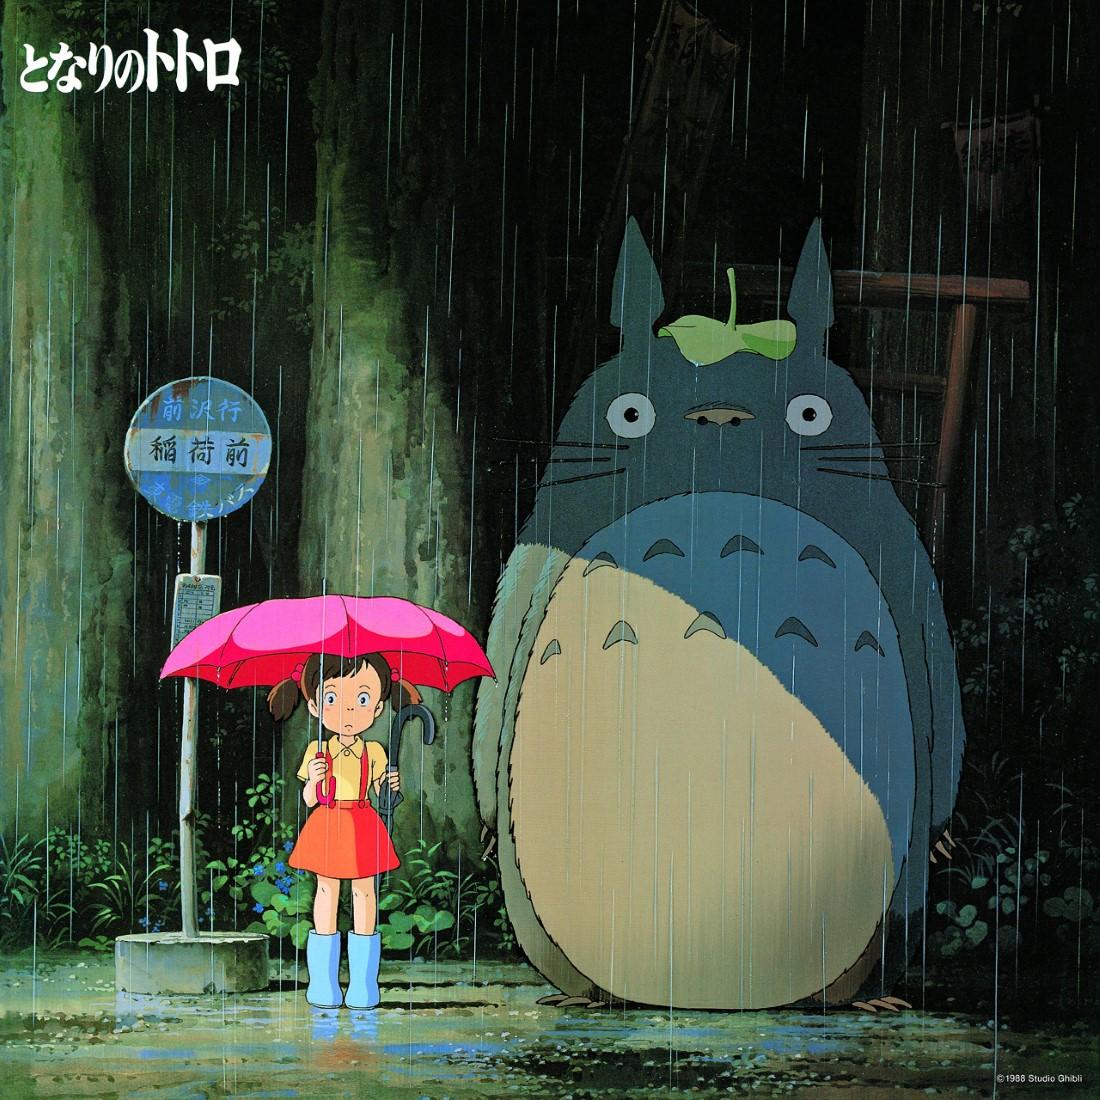 Ghibli Vinyl Collection - Mon voisin Totoro